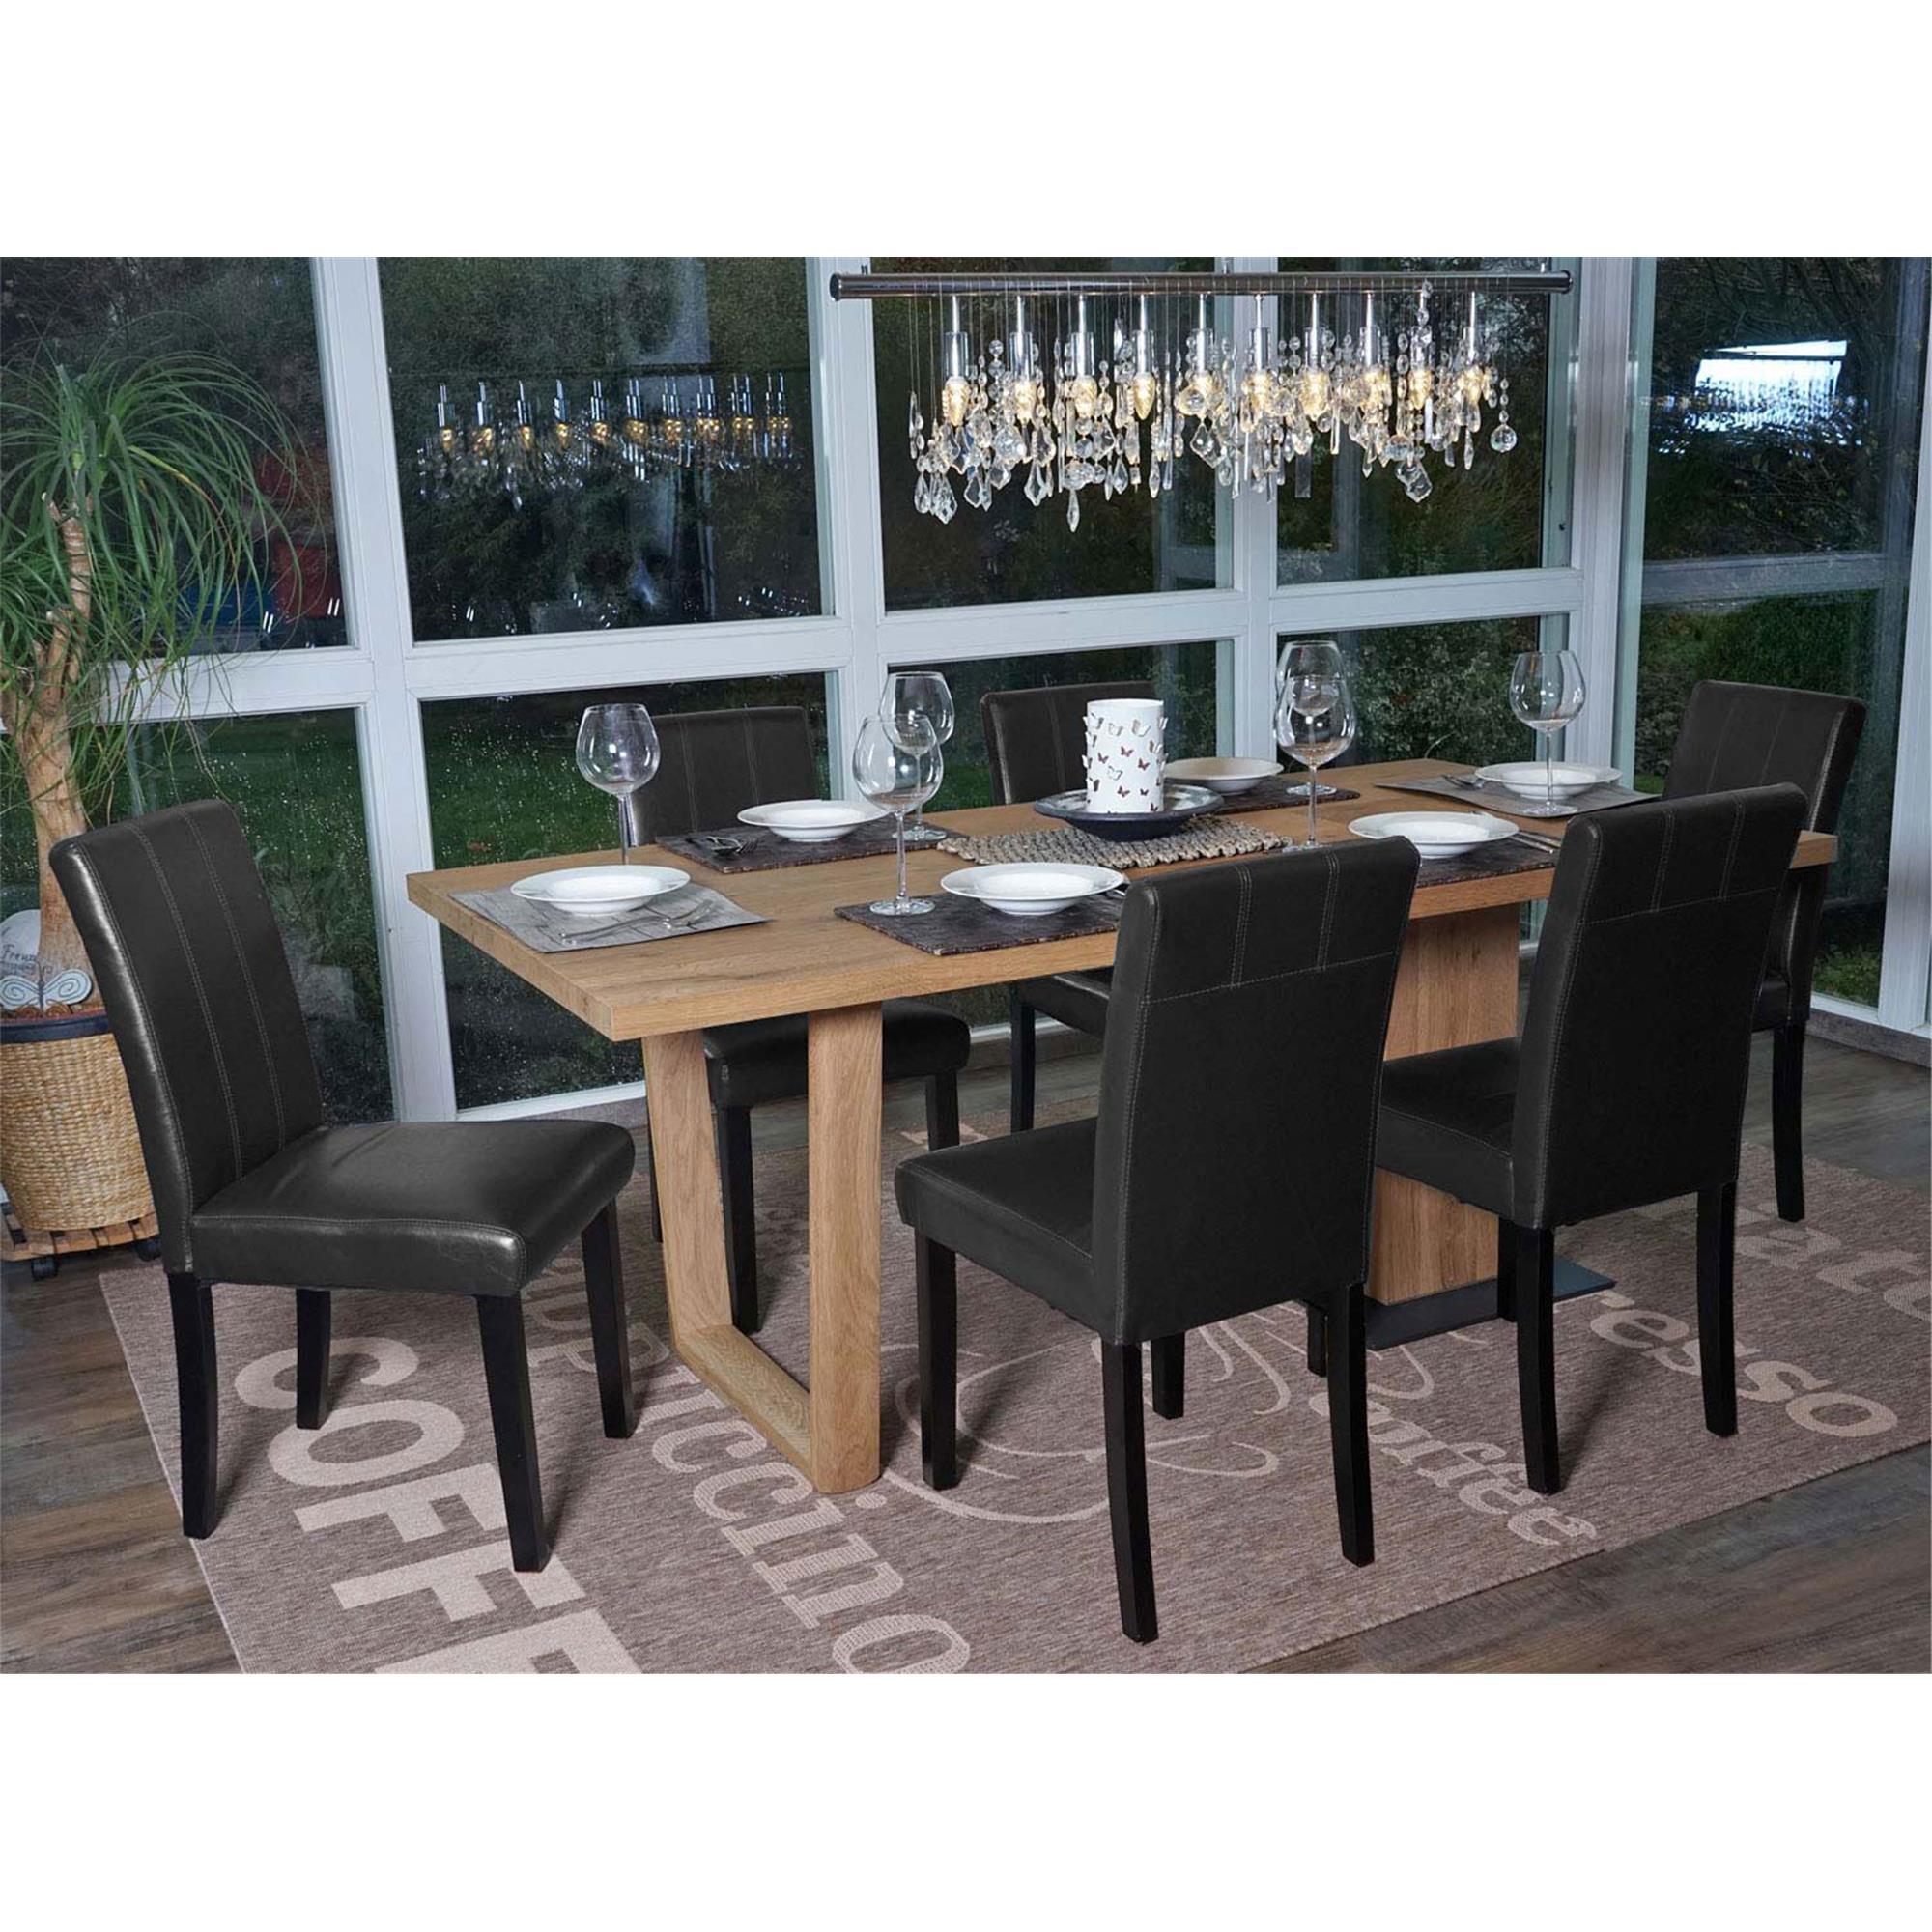 Lote 6 sillas comedor toper en piel negra con costuras for Sillas de comedor de piel